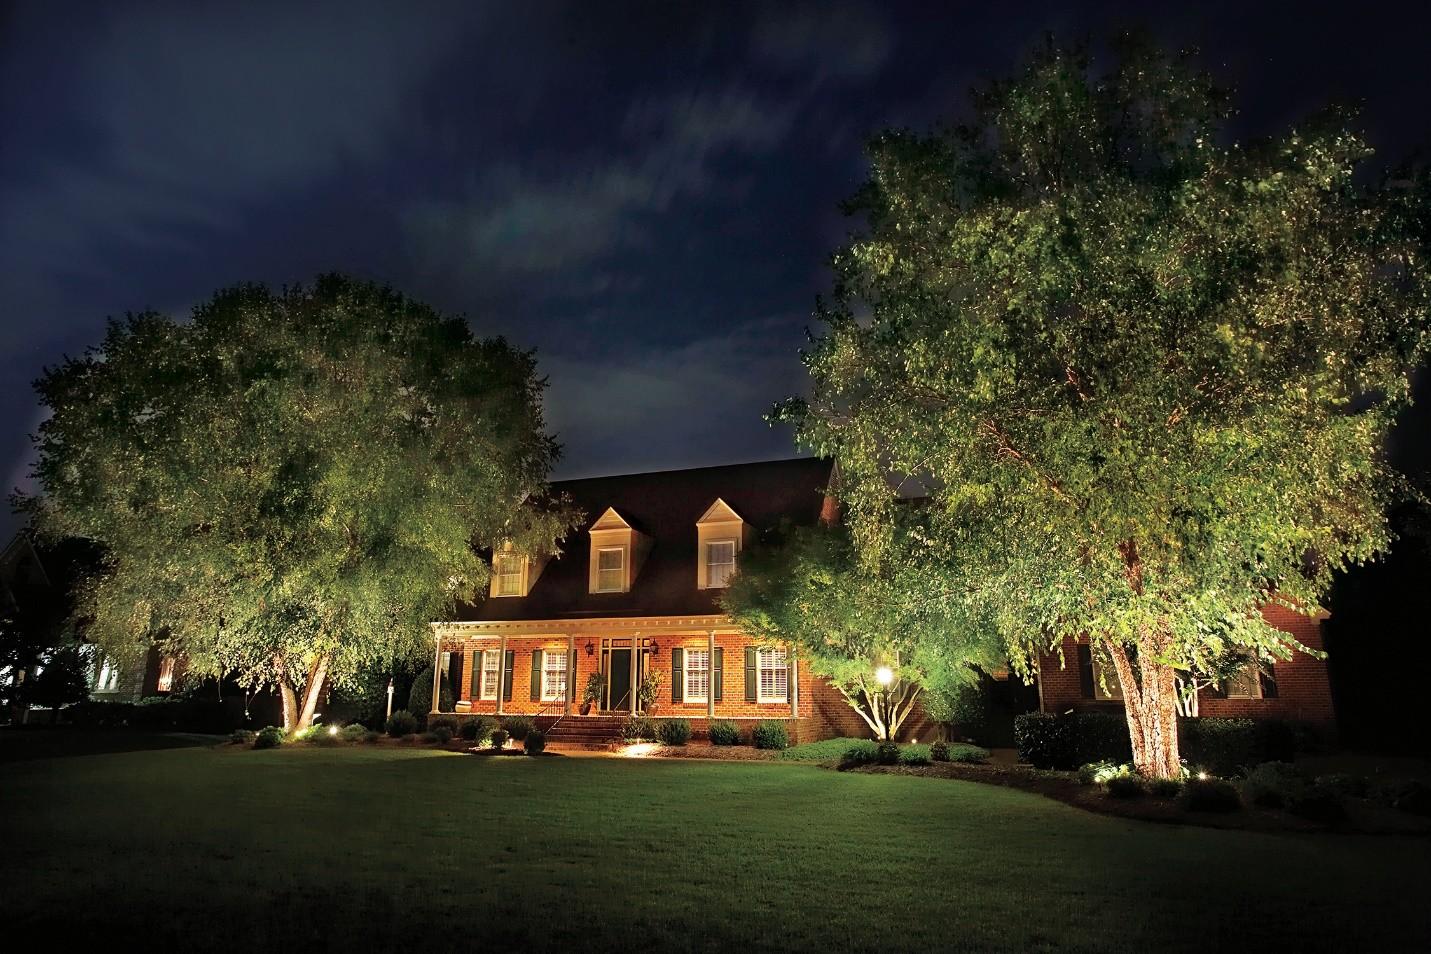 نورپردازی مدرن ویلا، حیاط و باغ